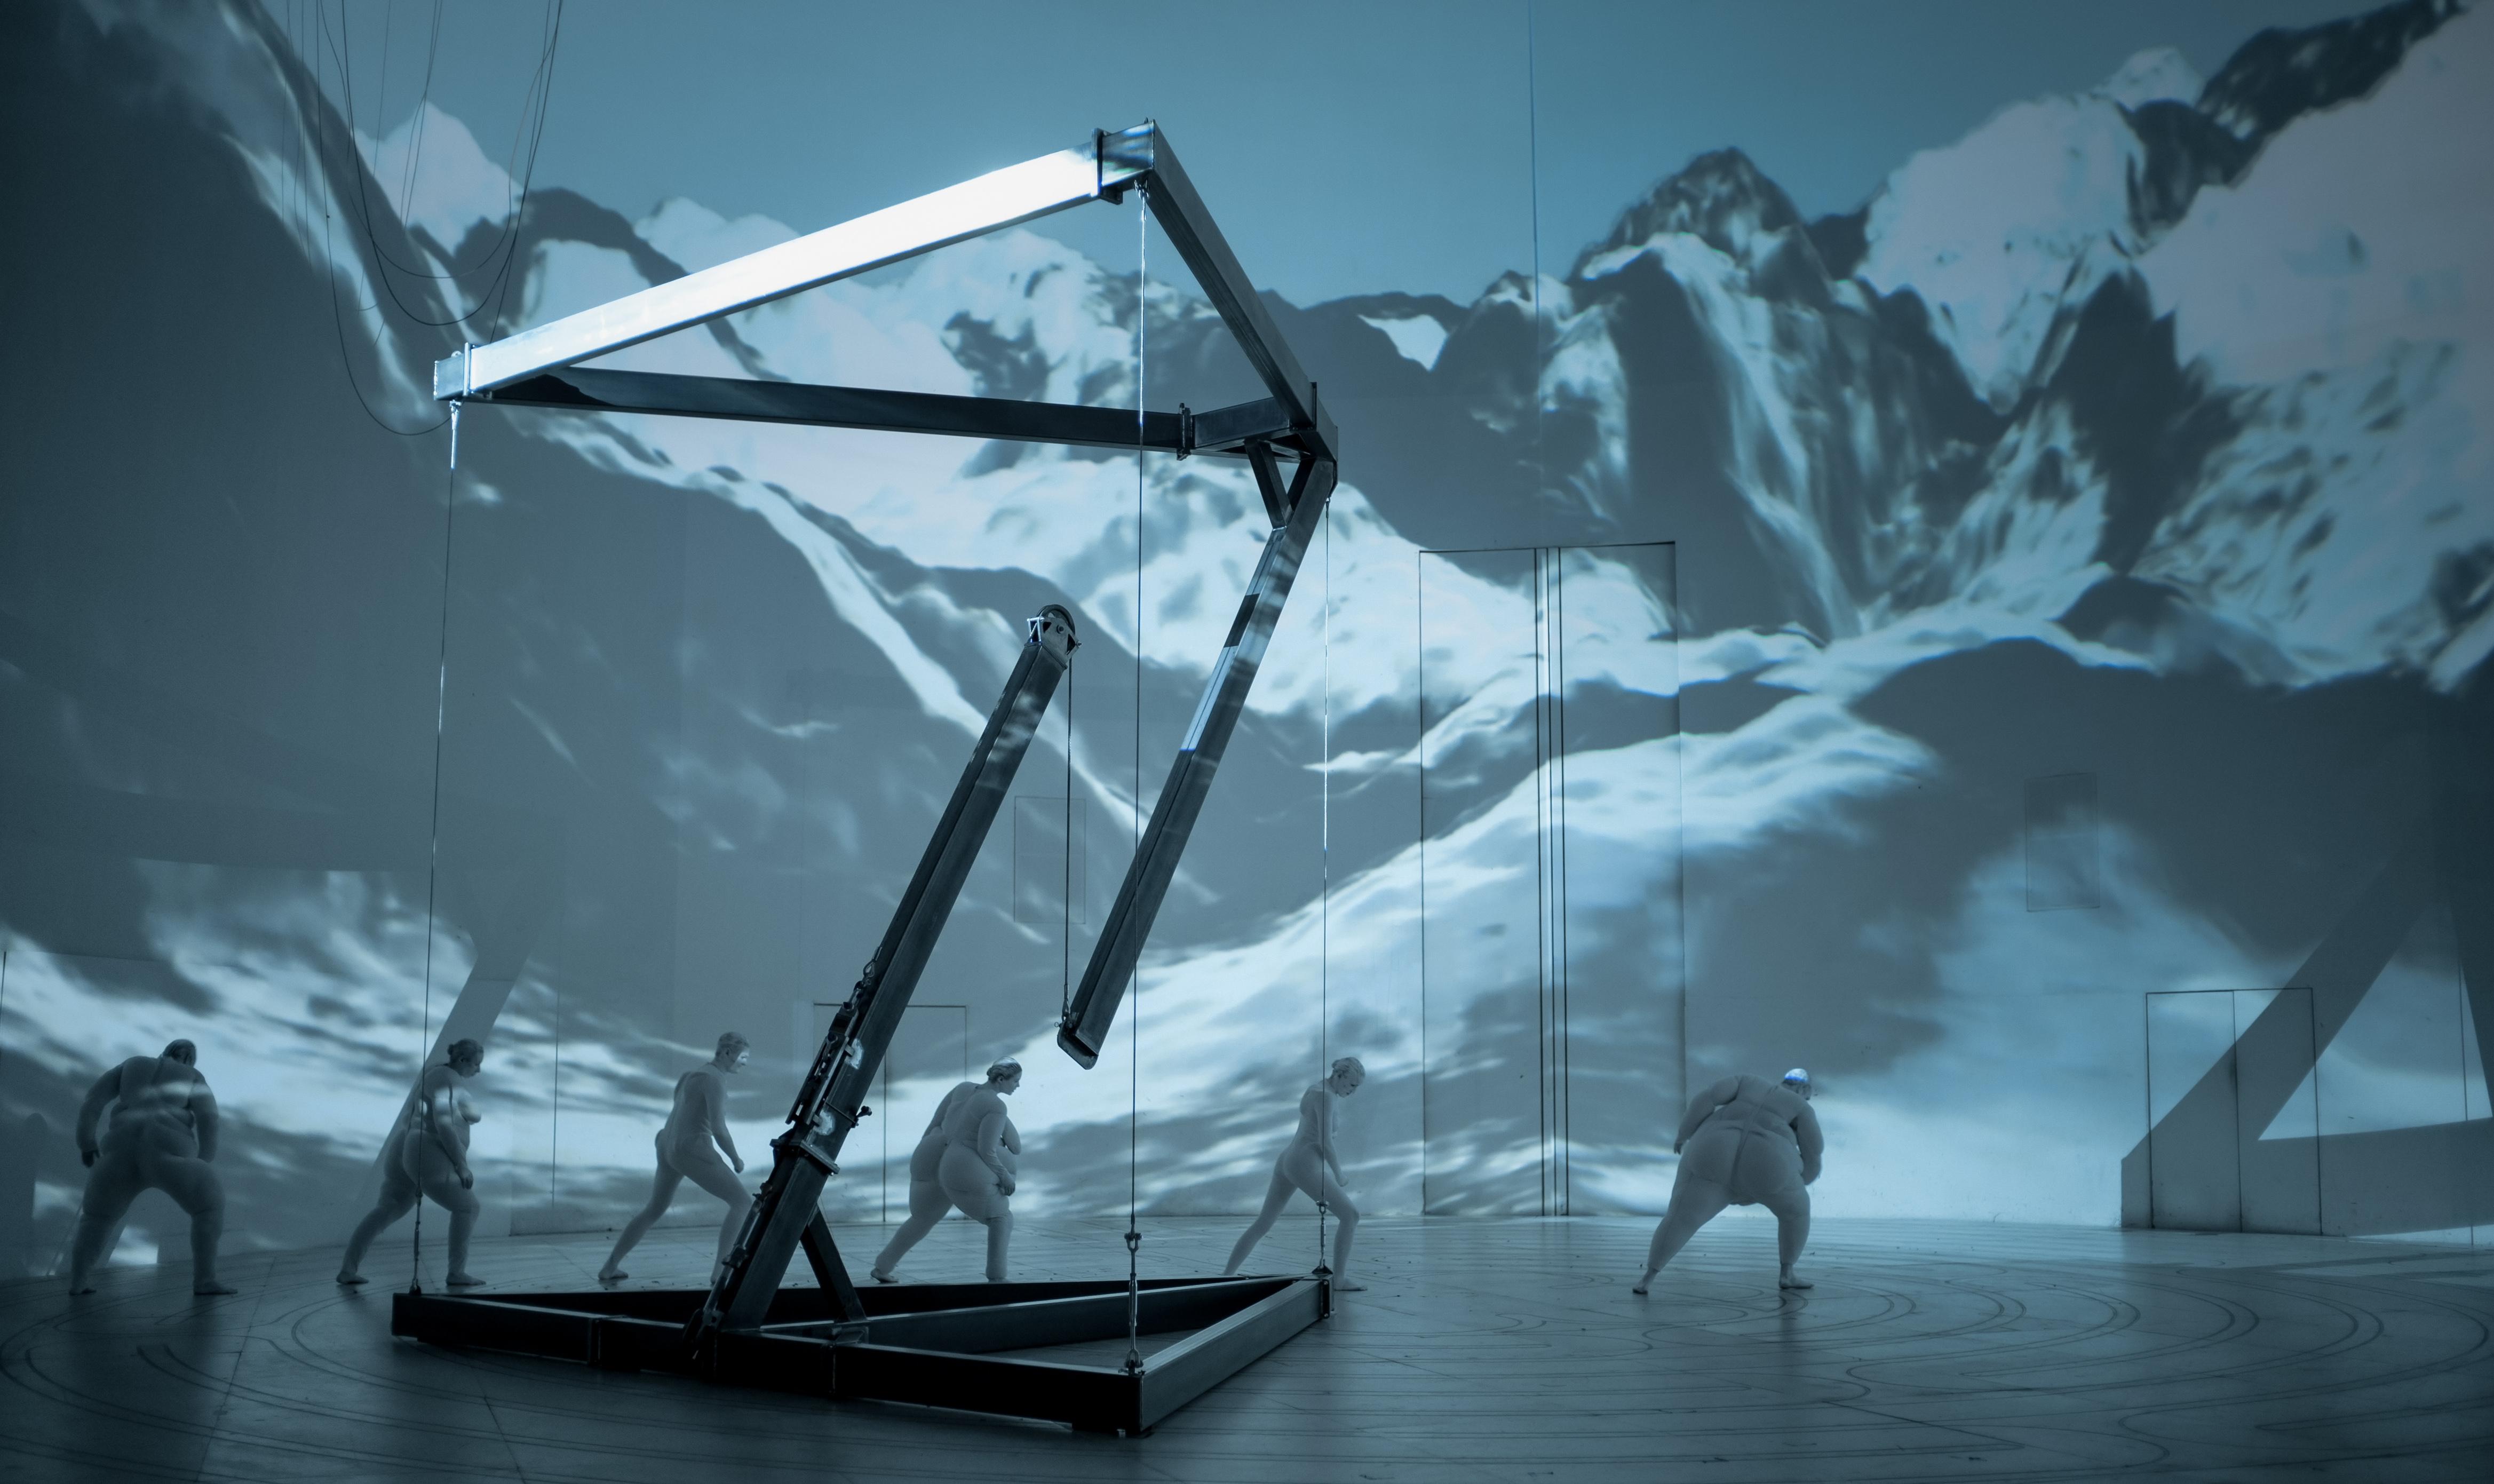 """Szene aus der Inszenierung """"Der Zauberberg"""", mehrere Personen laufen durch einen großen weißen Bühnenraum, im Hintergrund ist eine Schneelandschaft an die Wand projiziert."""